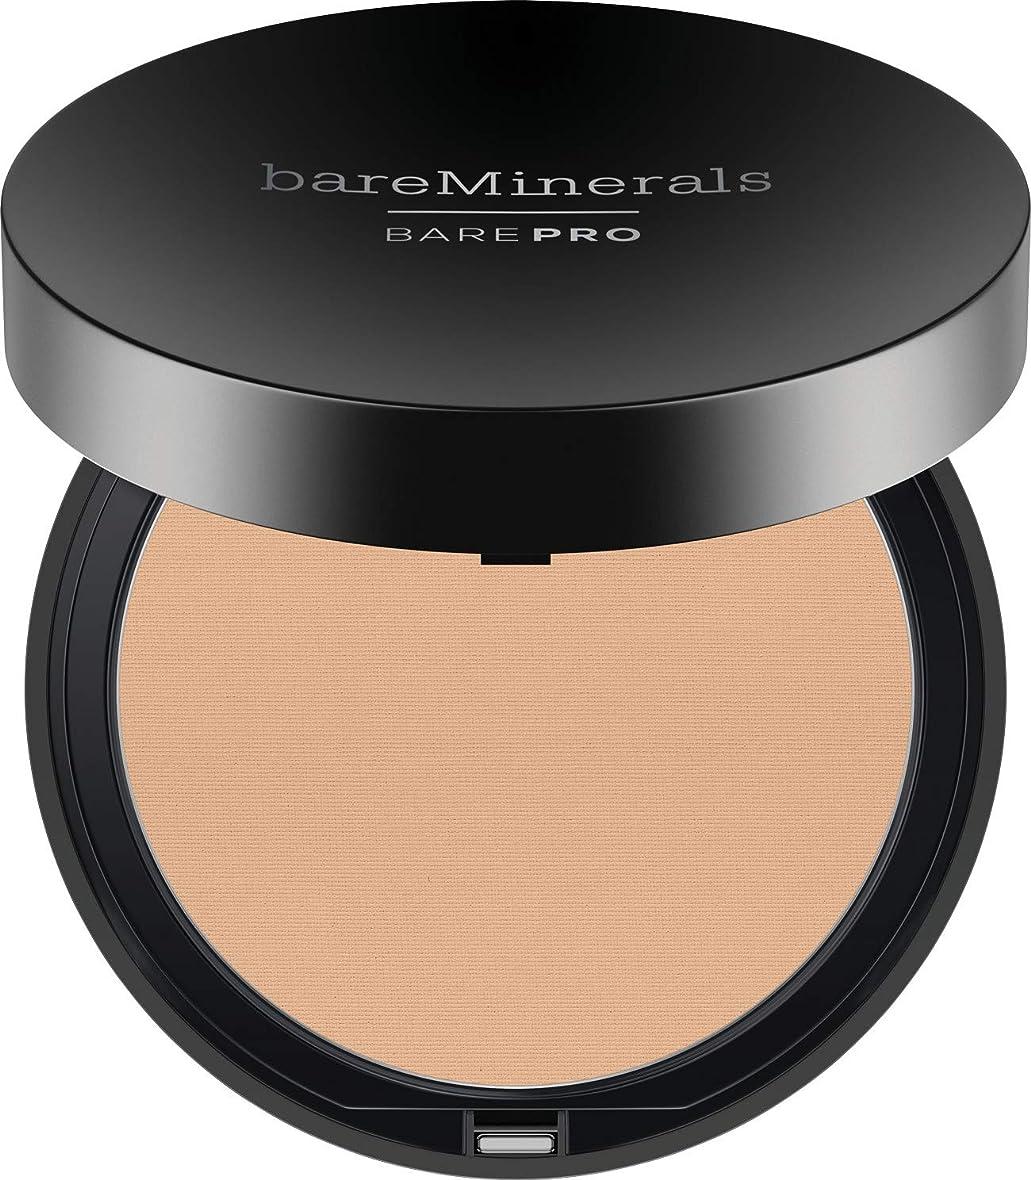 ビートイソギンチャク溶けるベアミネラル BarePro Performance Wear Powder Foundation - # 09 Light Natural 10g/0.34oz並行輸入品